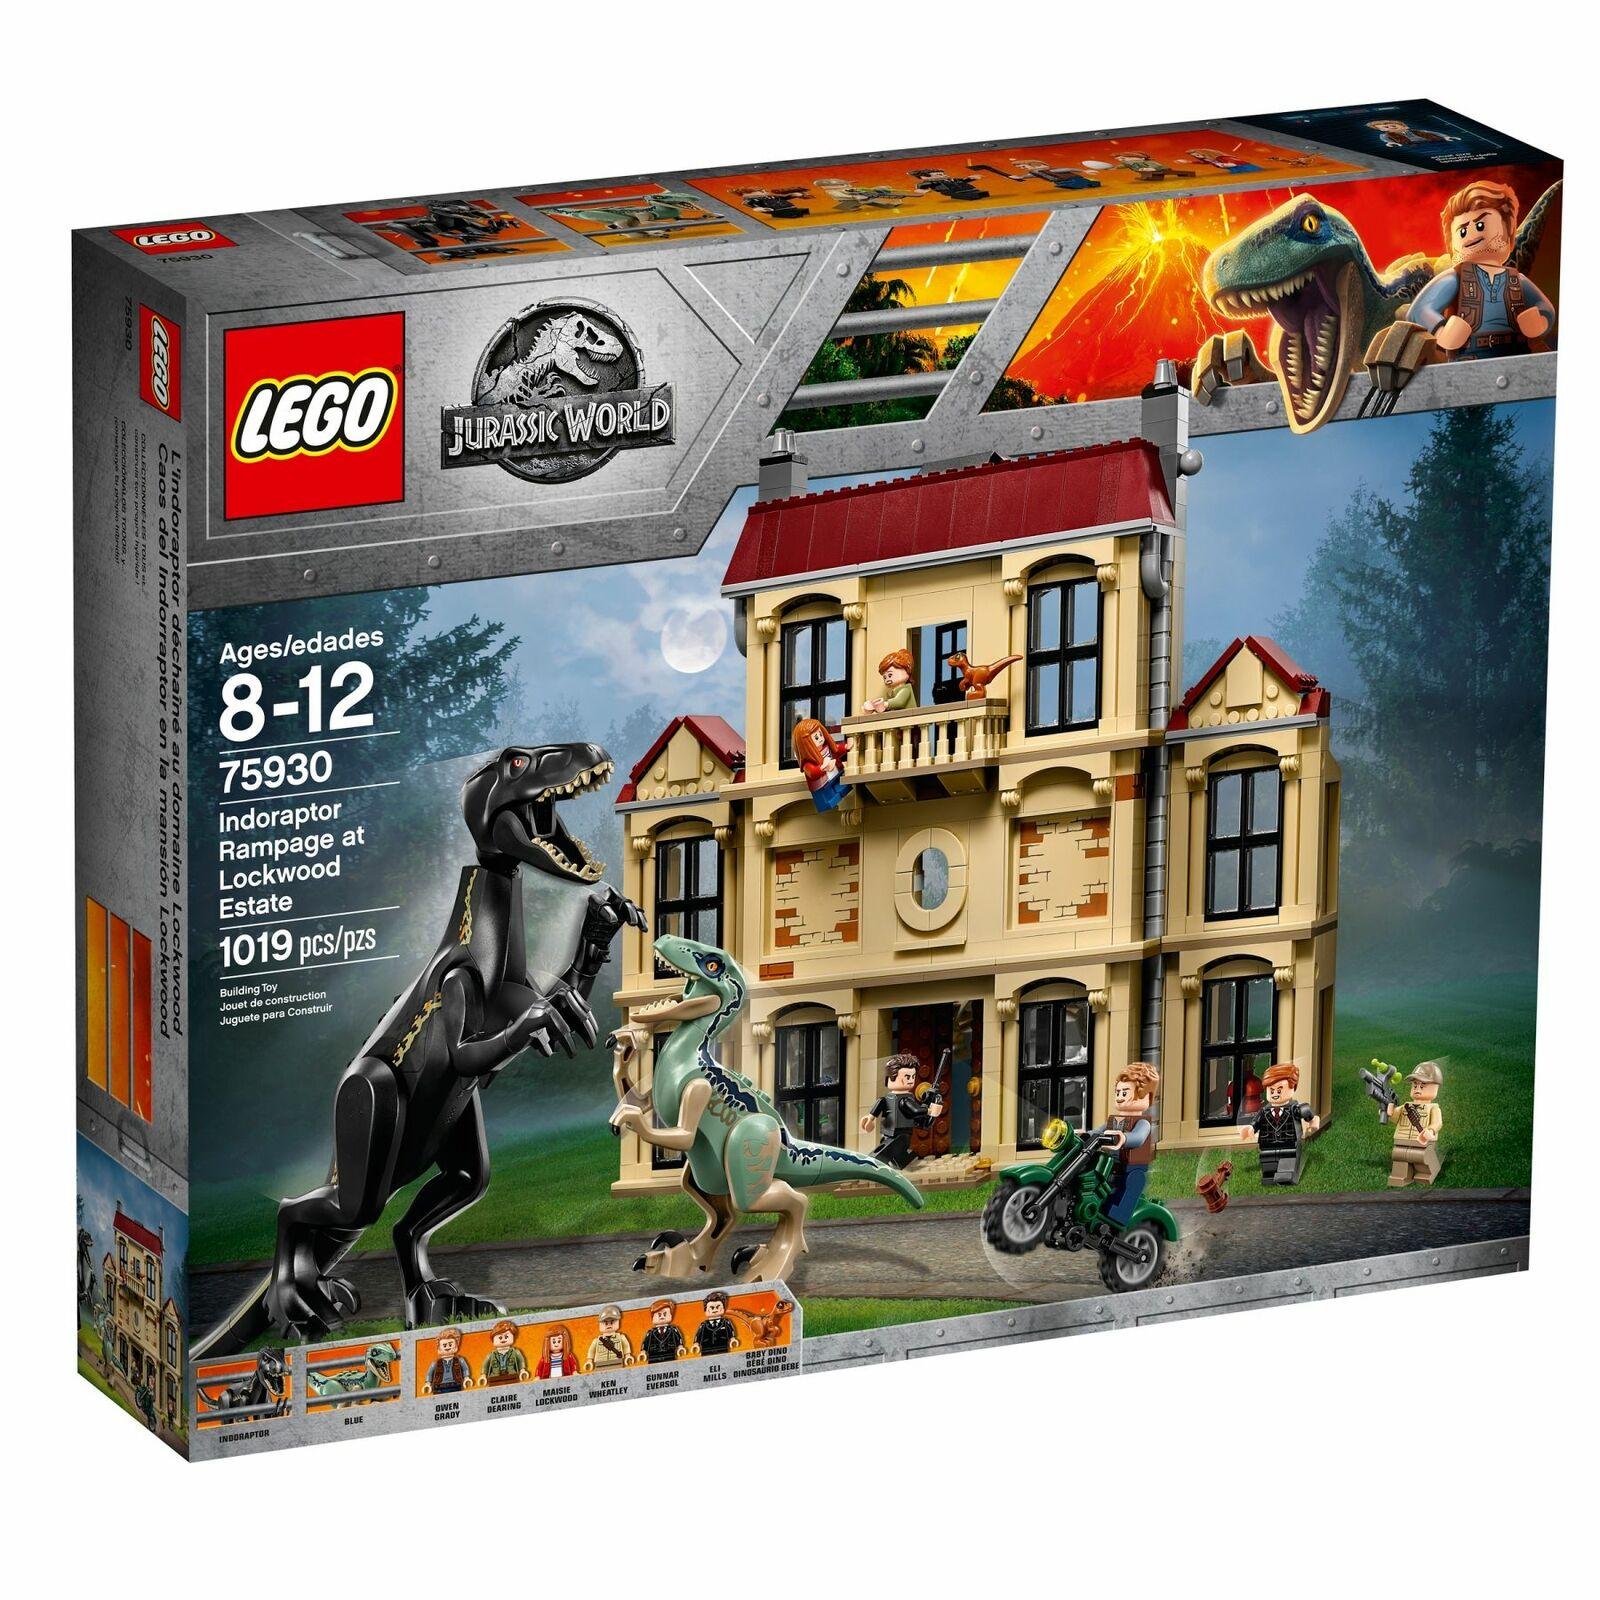 LEGO ®  75930 Jurassic World indoraptor devastazione  rivenditori online